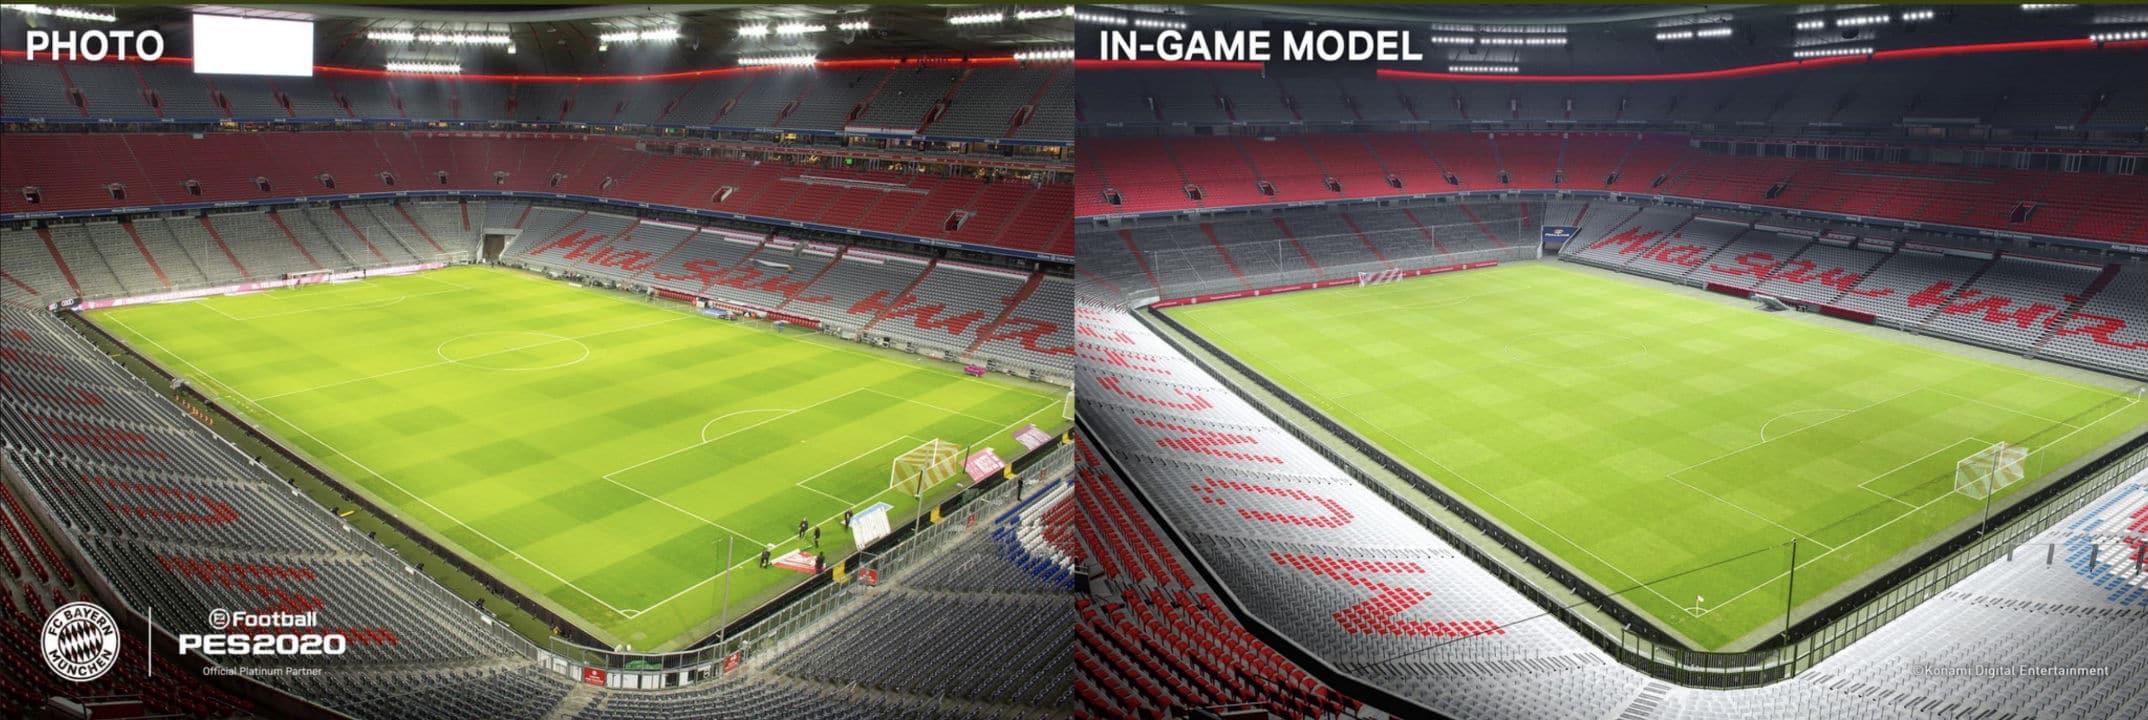 Bayern de Munique no PES 2020: Konami revela parceria oficial com clube 2